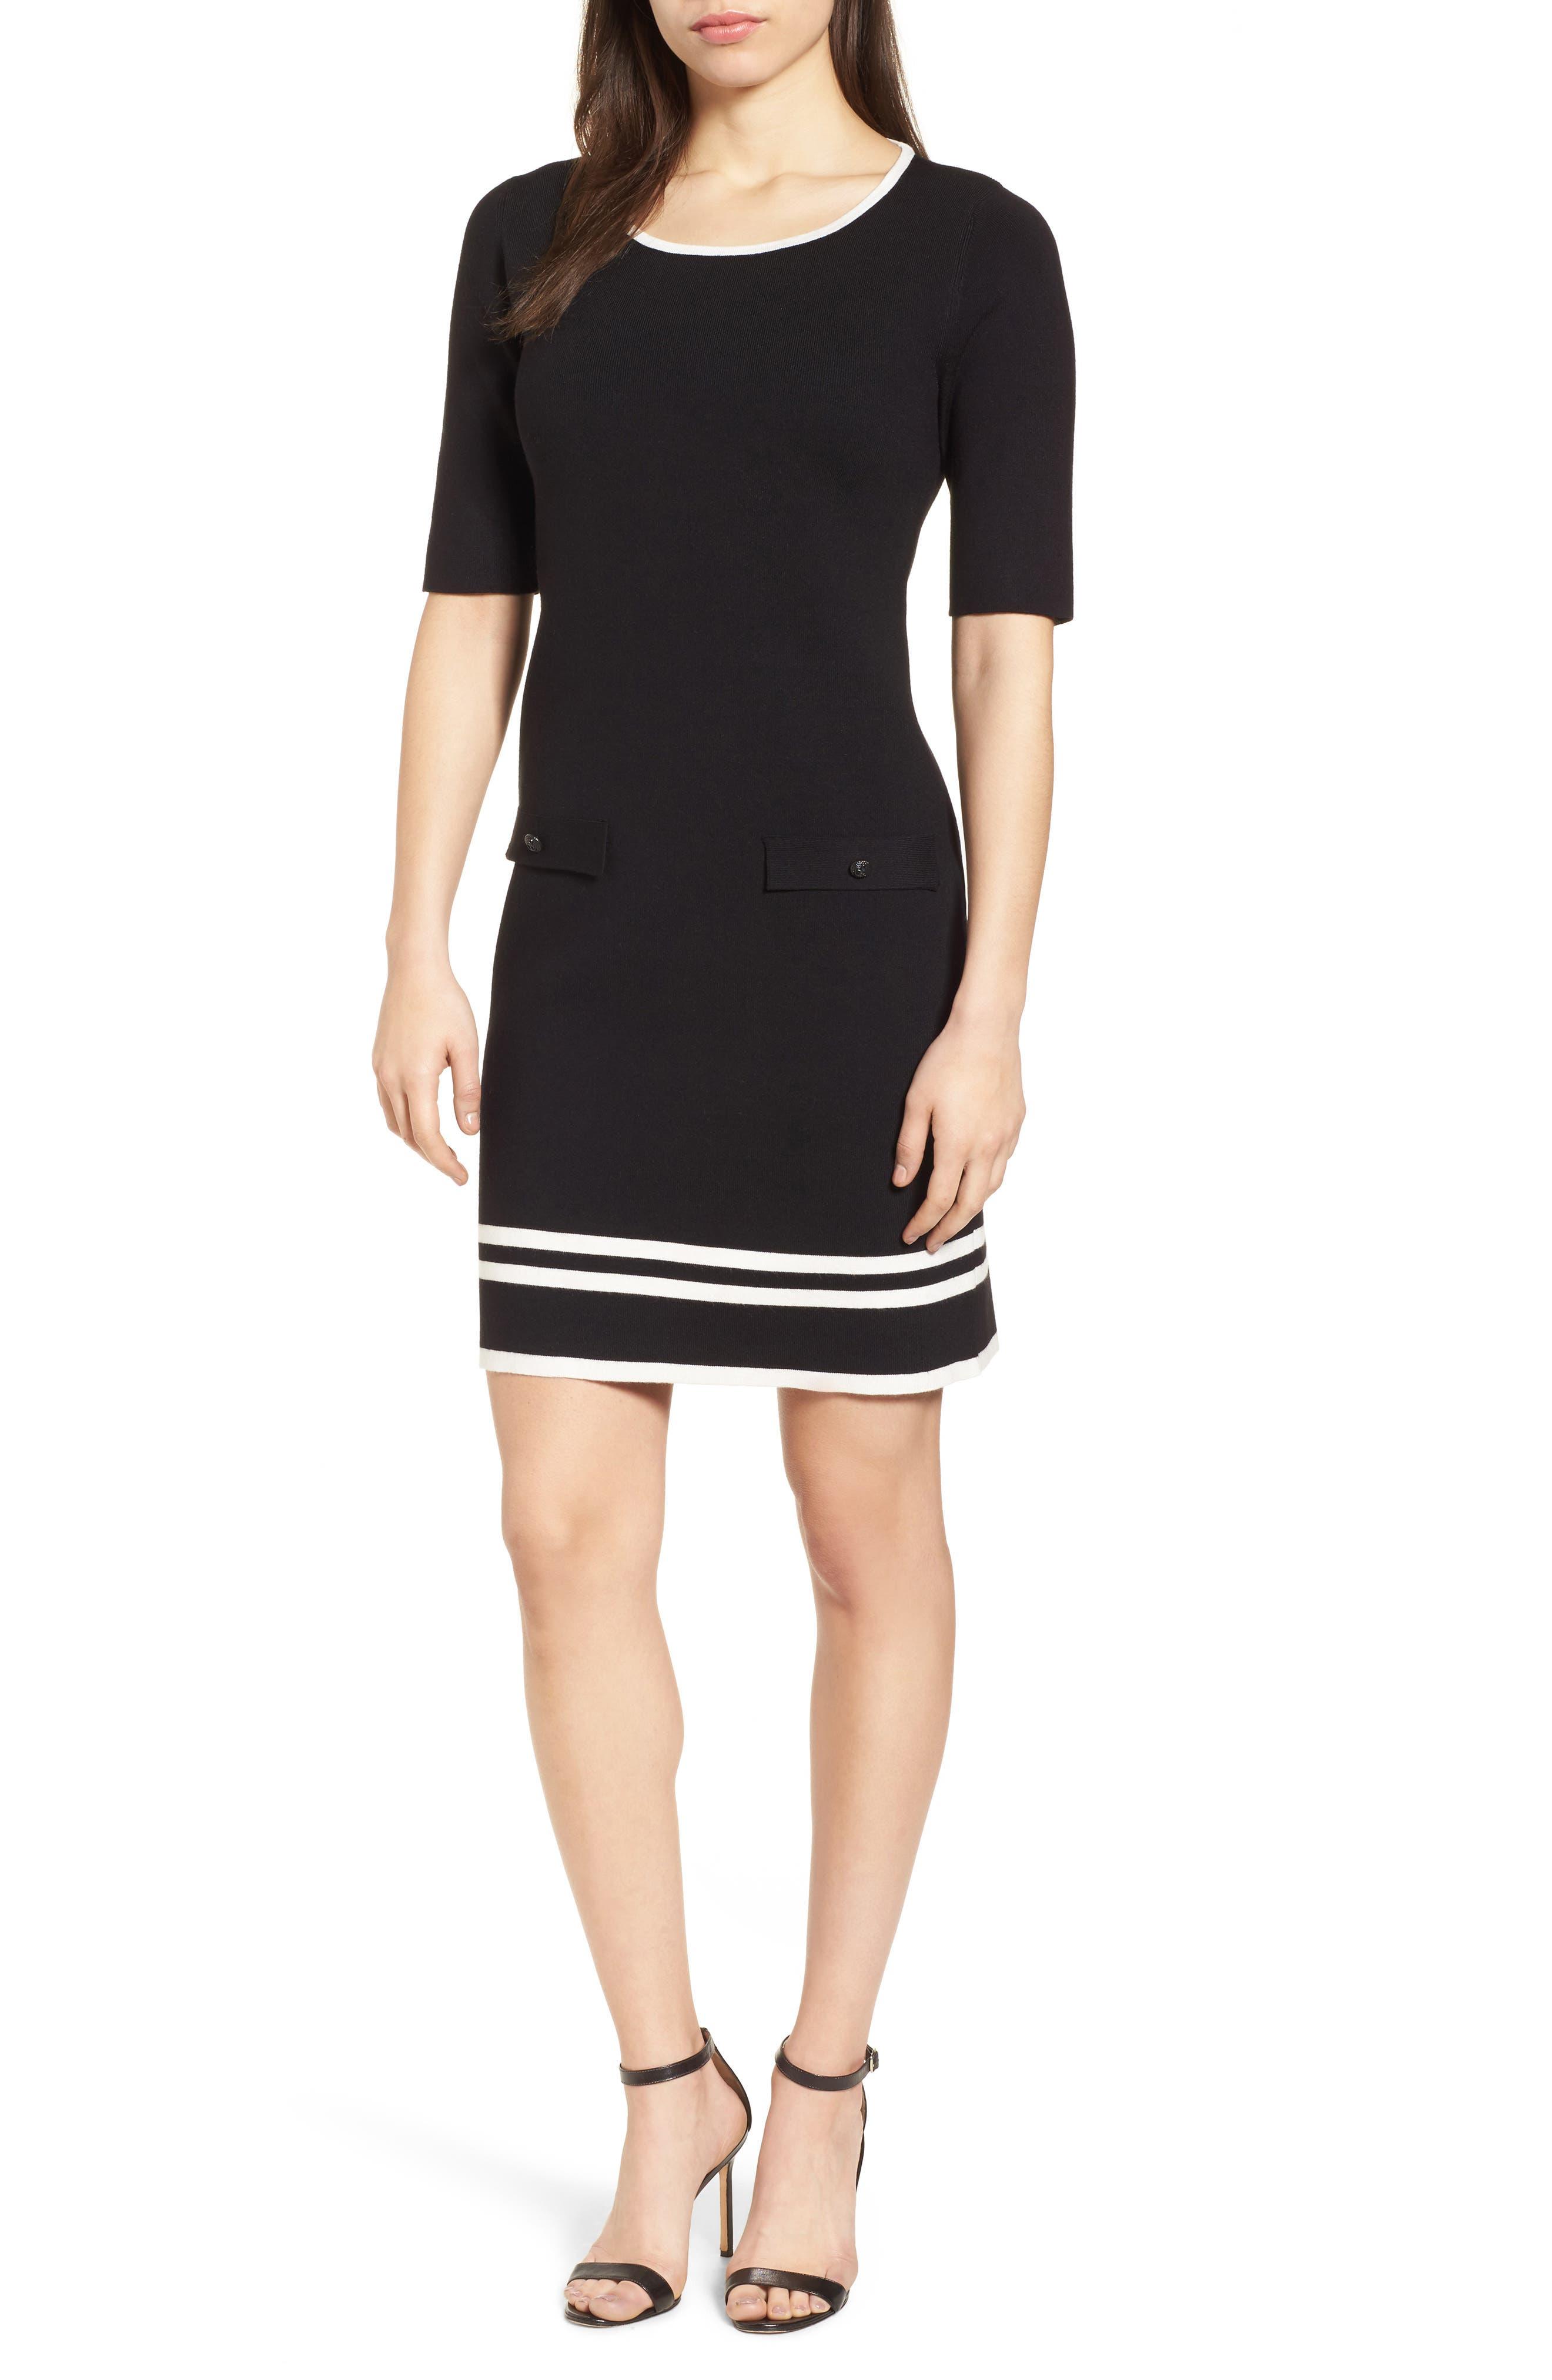 Ann Klein New York Stripe Border Knit Sheath Dress,                             Main thumbnail 1, color,                             Black/ White